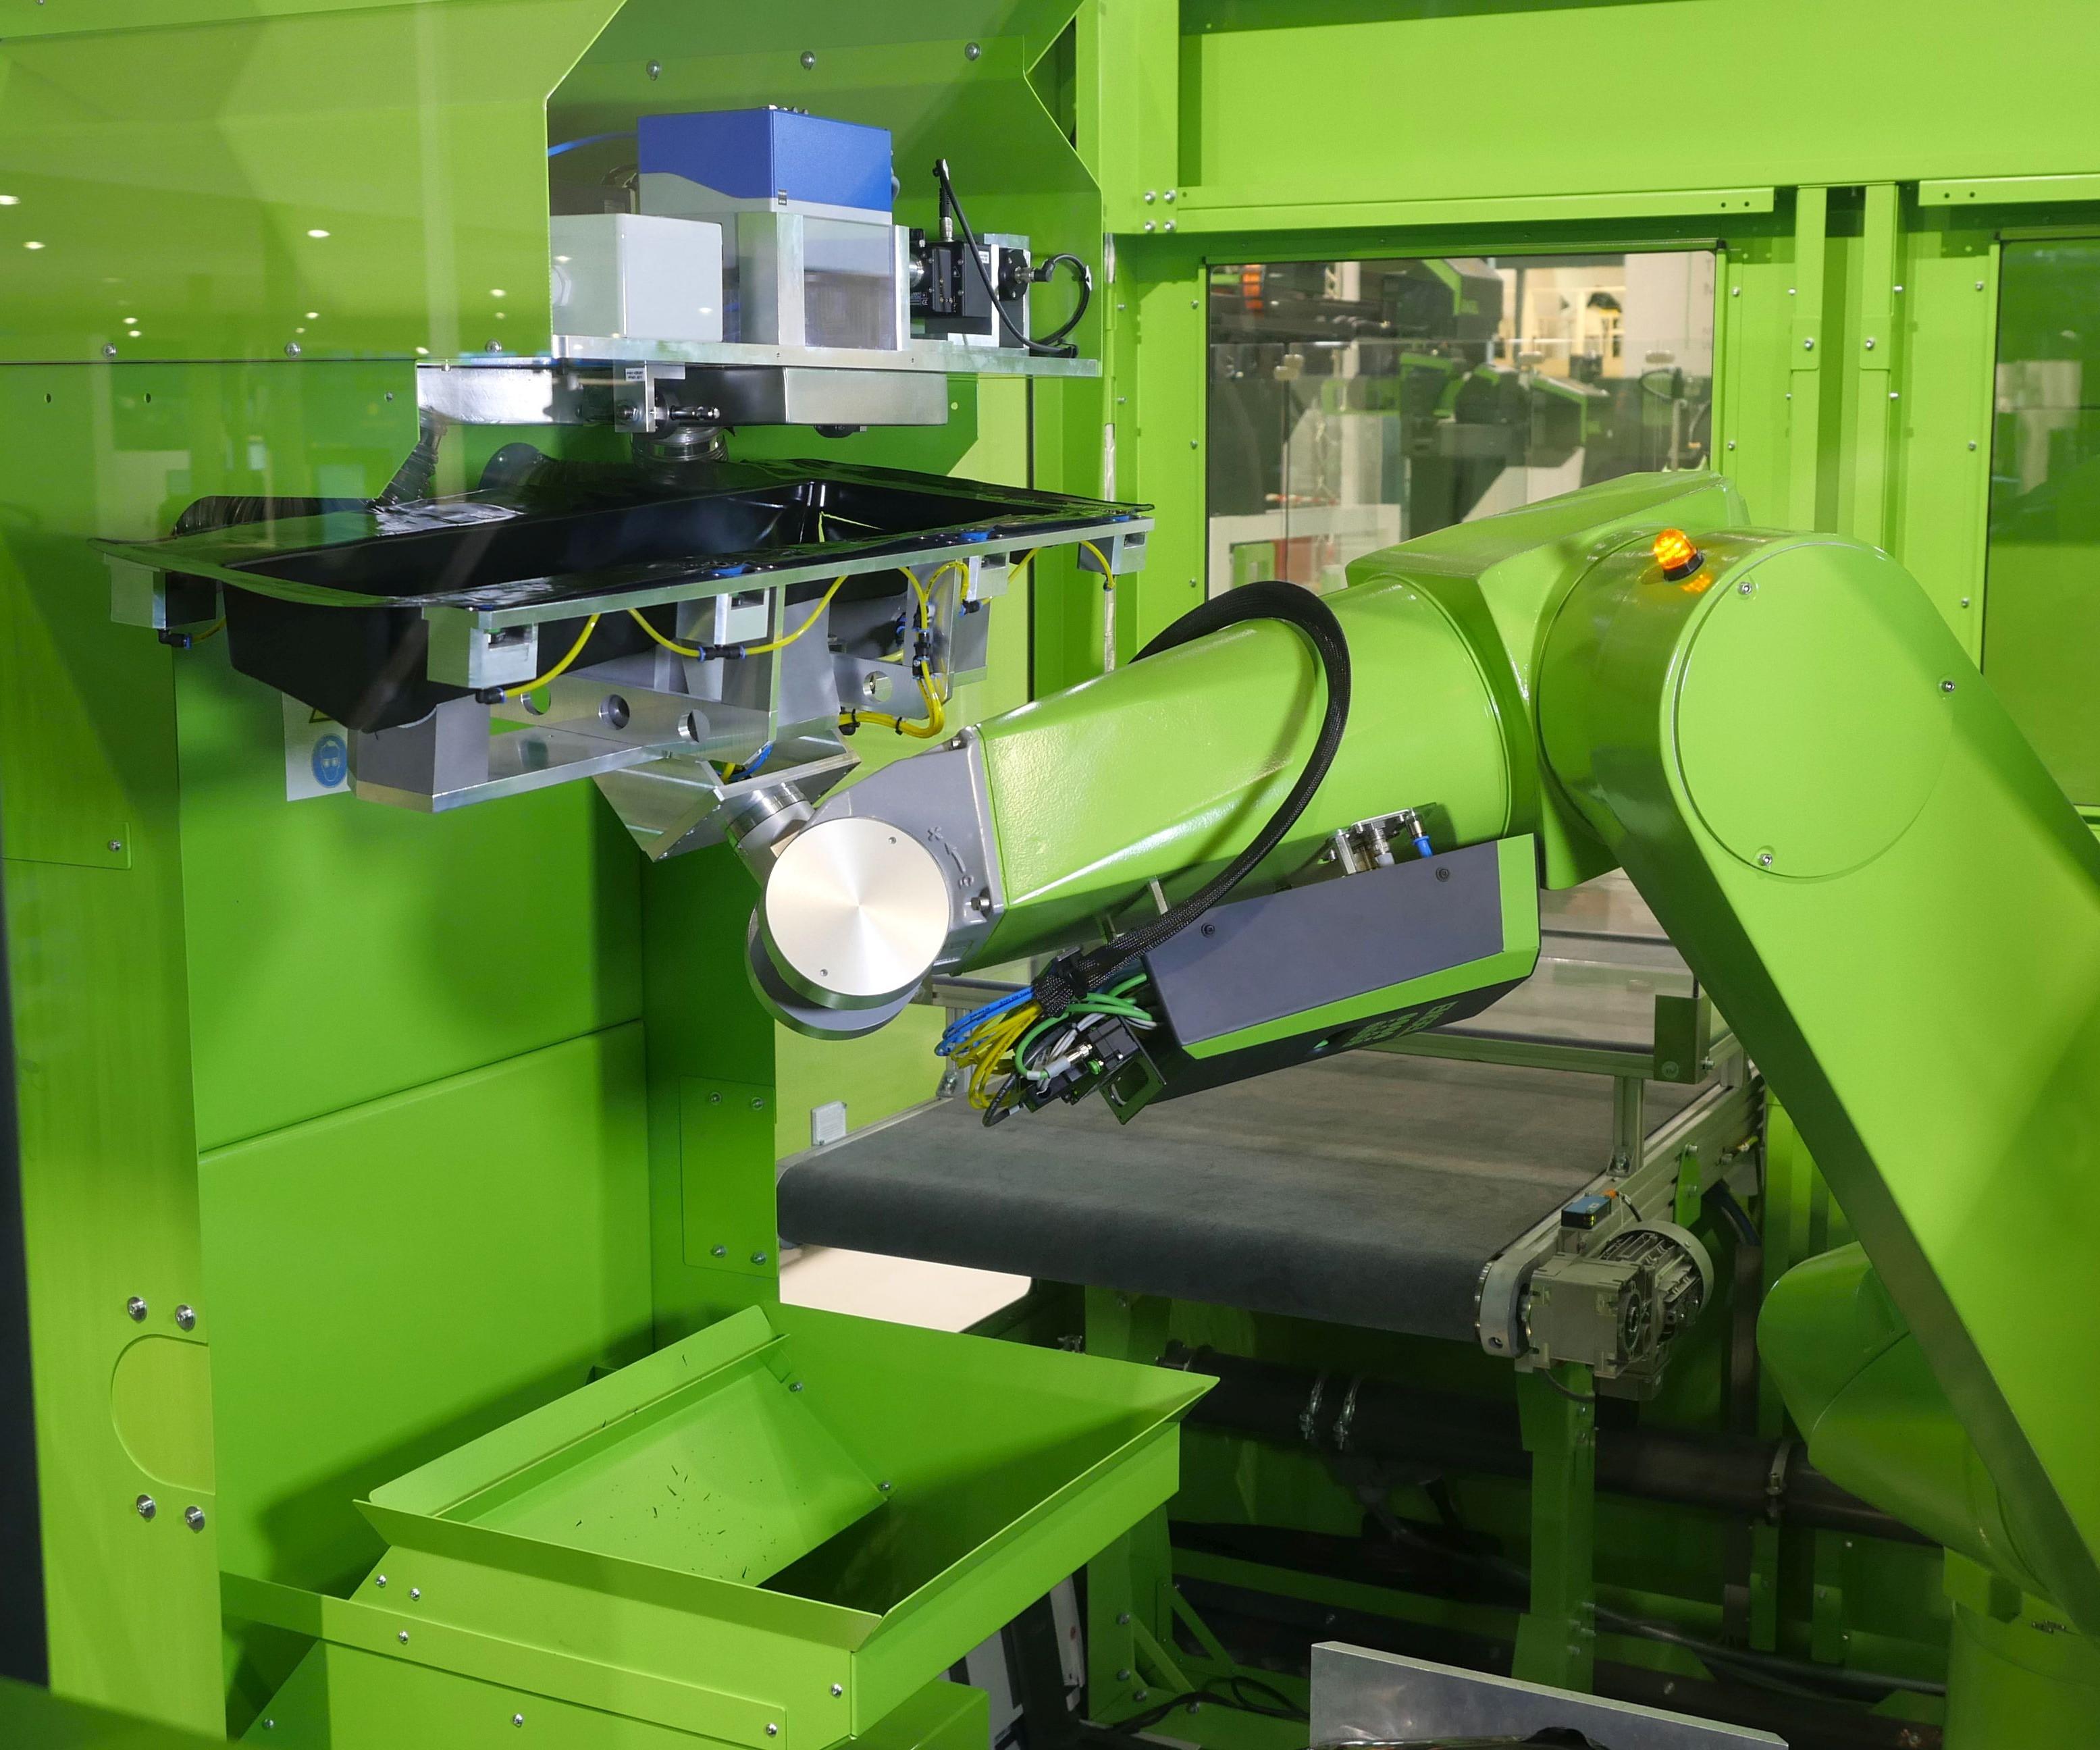 El robot multieje easix conduce el contorno del componente a lo largo del láser y seguidamente coloca el panel de puerta listo para montar en la cinta transportadora.